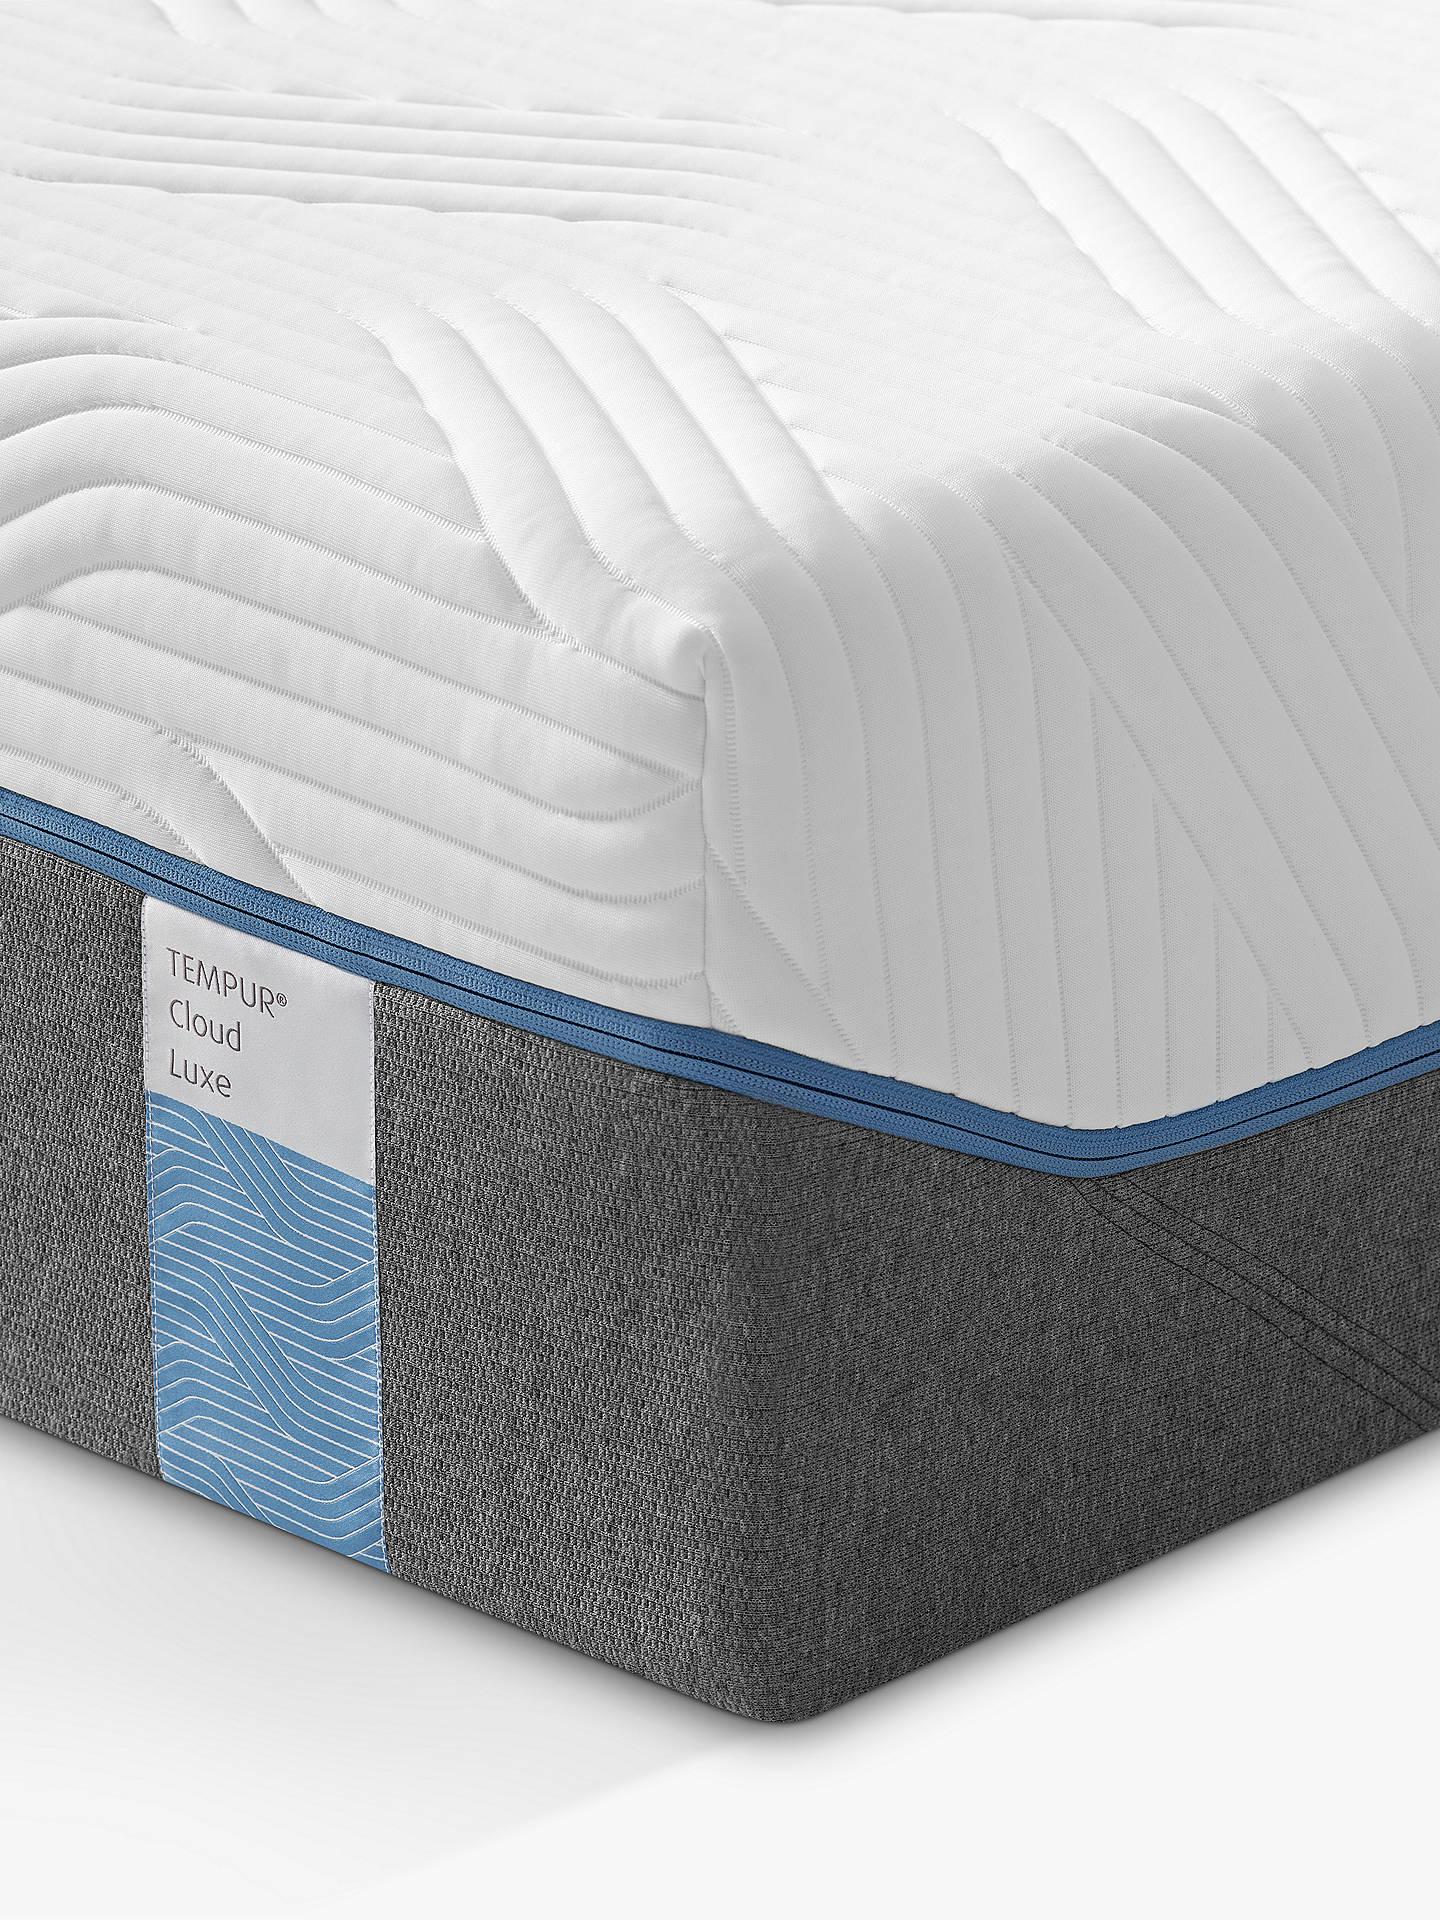 best service 3ee23 21d8d Tempur Cloud Luxe 30 Memory Foam Mattress, Soft, King Size